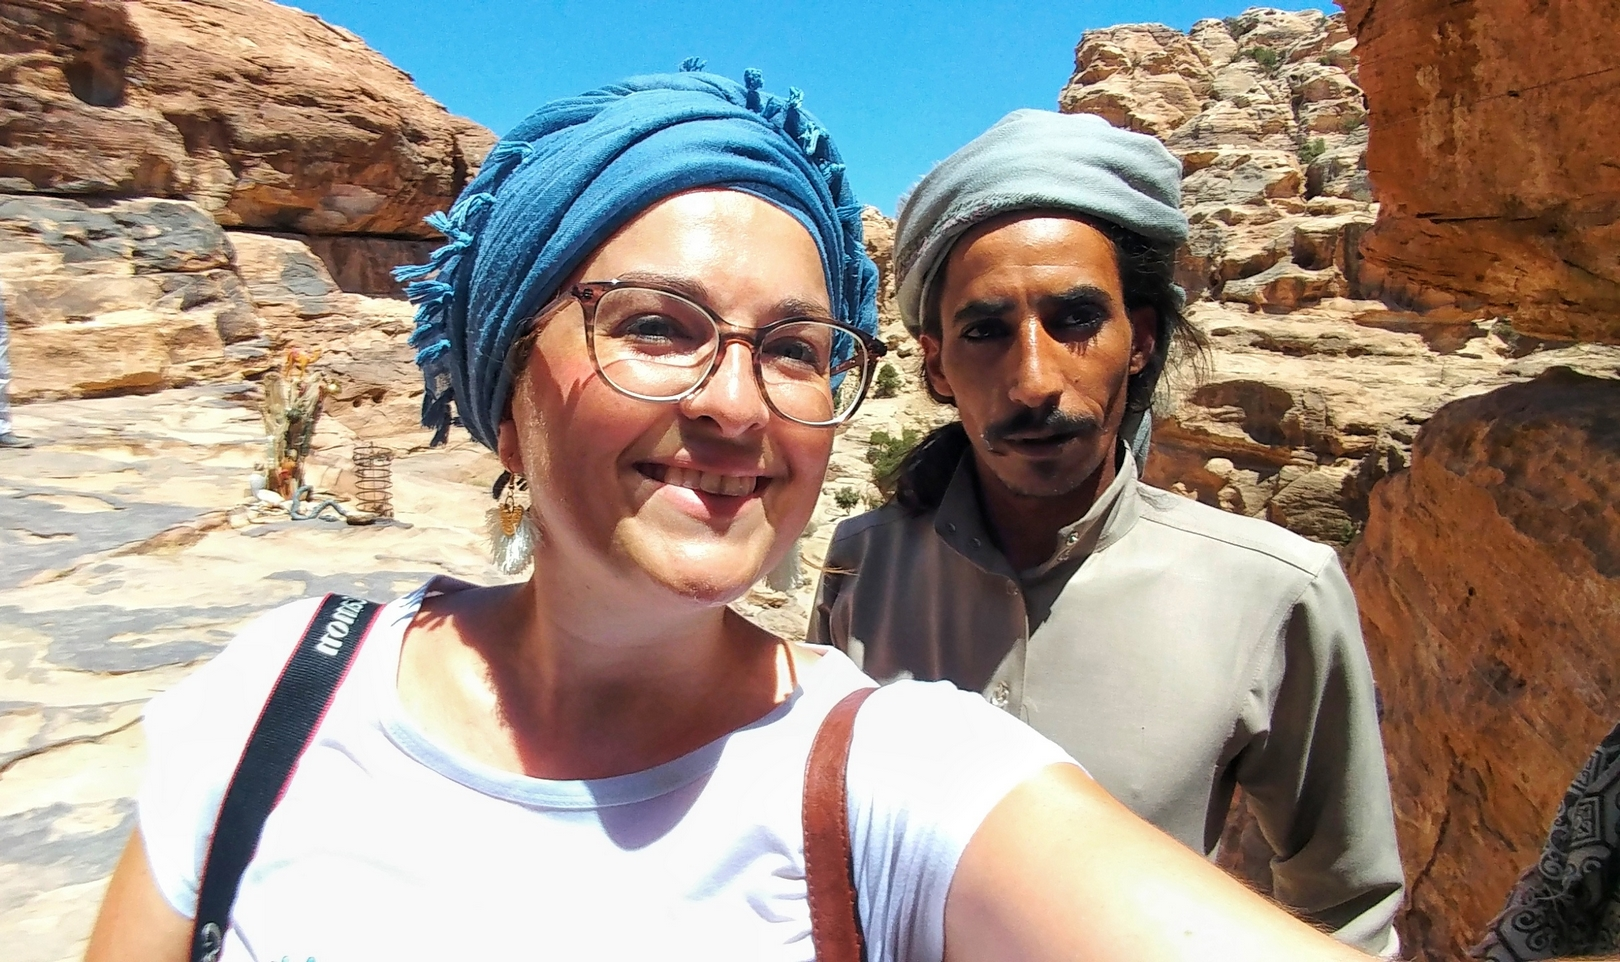 Jordanie - Rencontre avec un bédouin à Little Petra